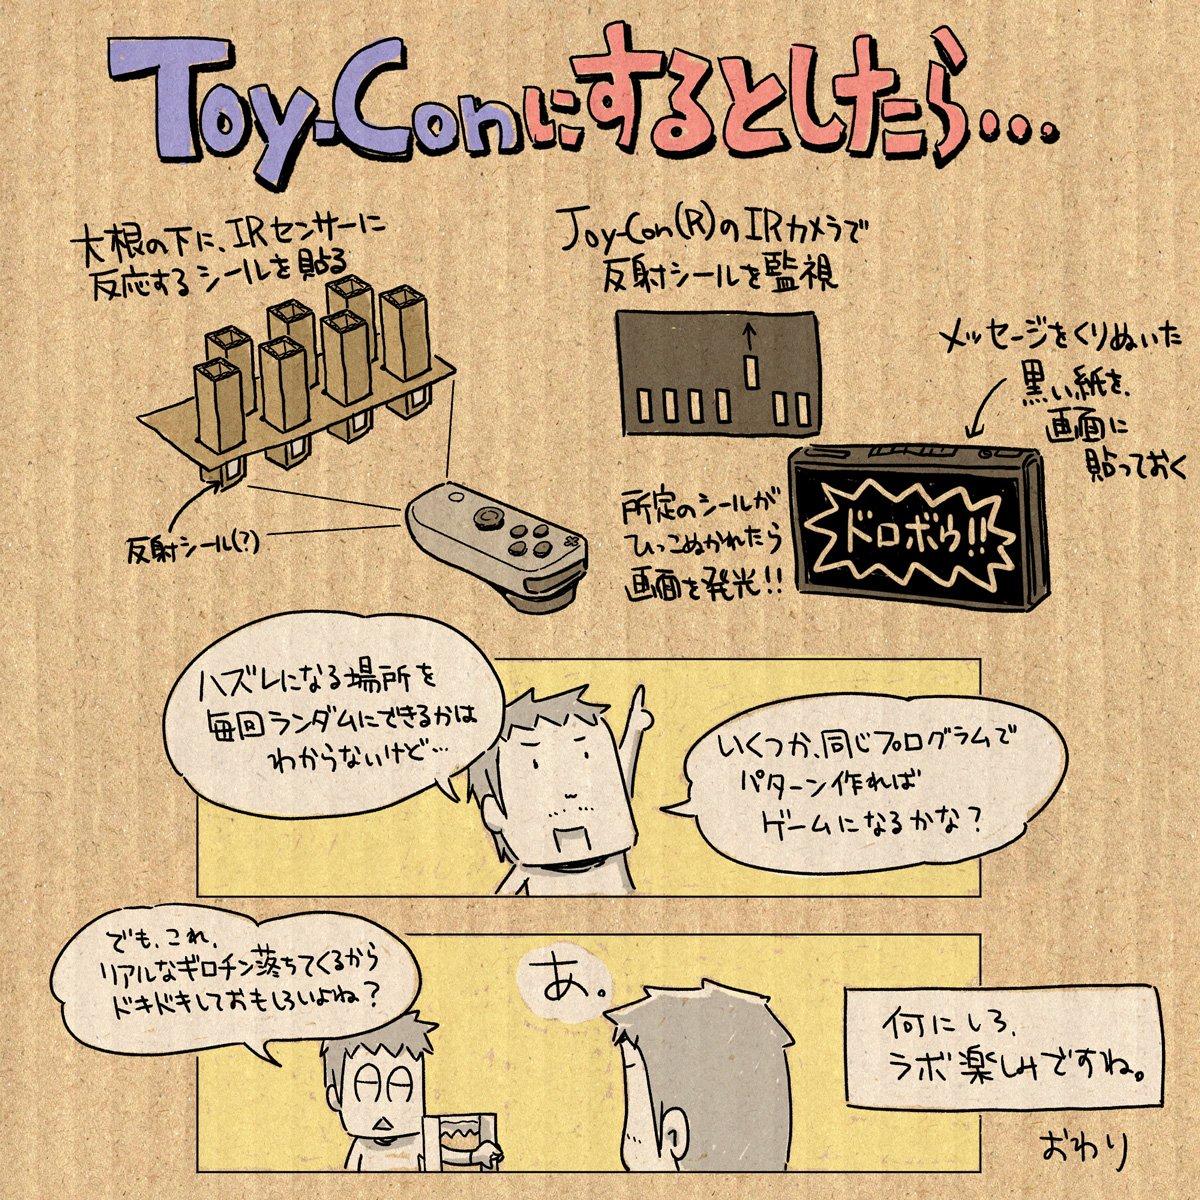 小学生の頃に段ボール工作で作ったゲームを、ニンテンドーラボのToy-Conガレージに移植しようと思うのでまとめてみました。  #一日一絵 #ニンテンドーラボ #Nintendo #NintenoLabo